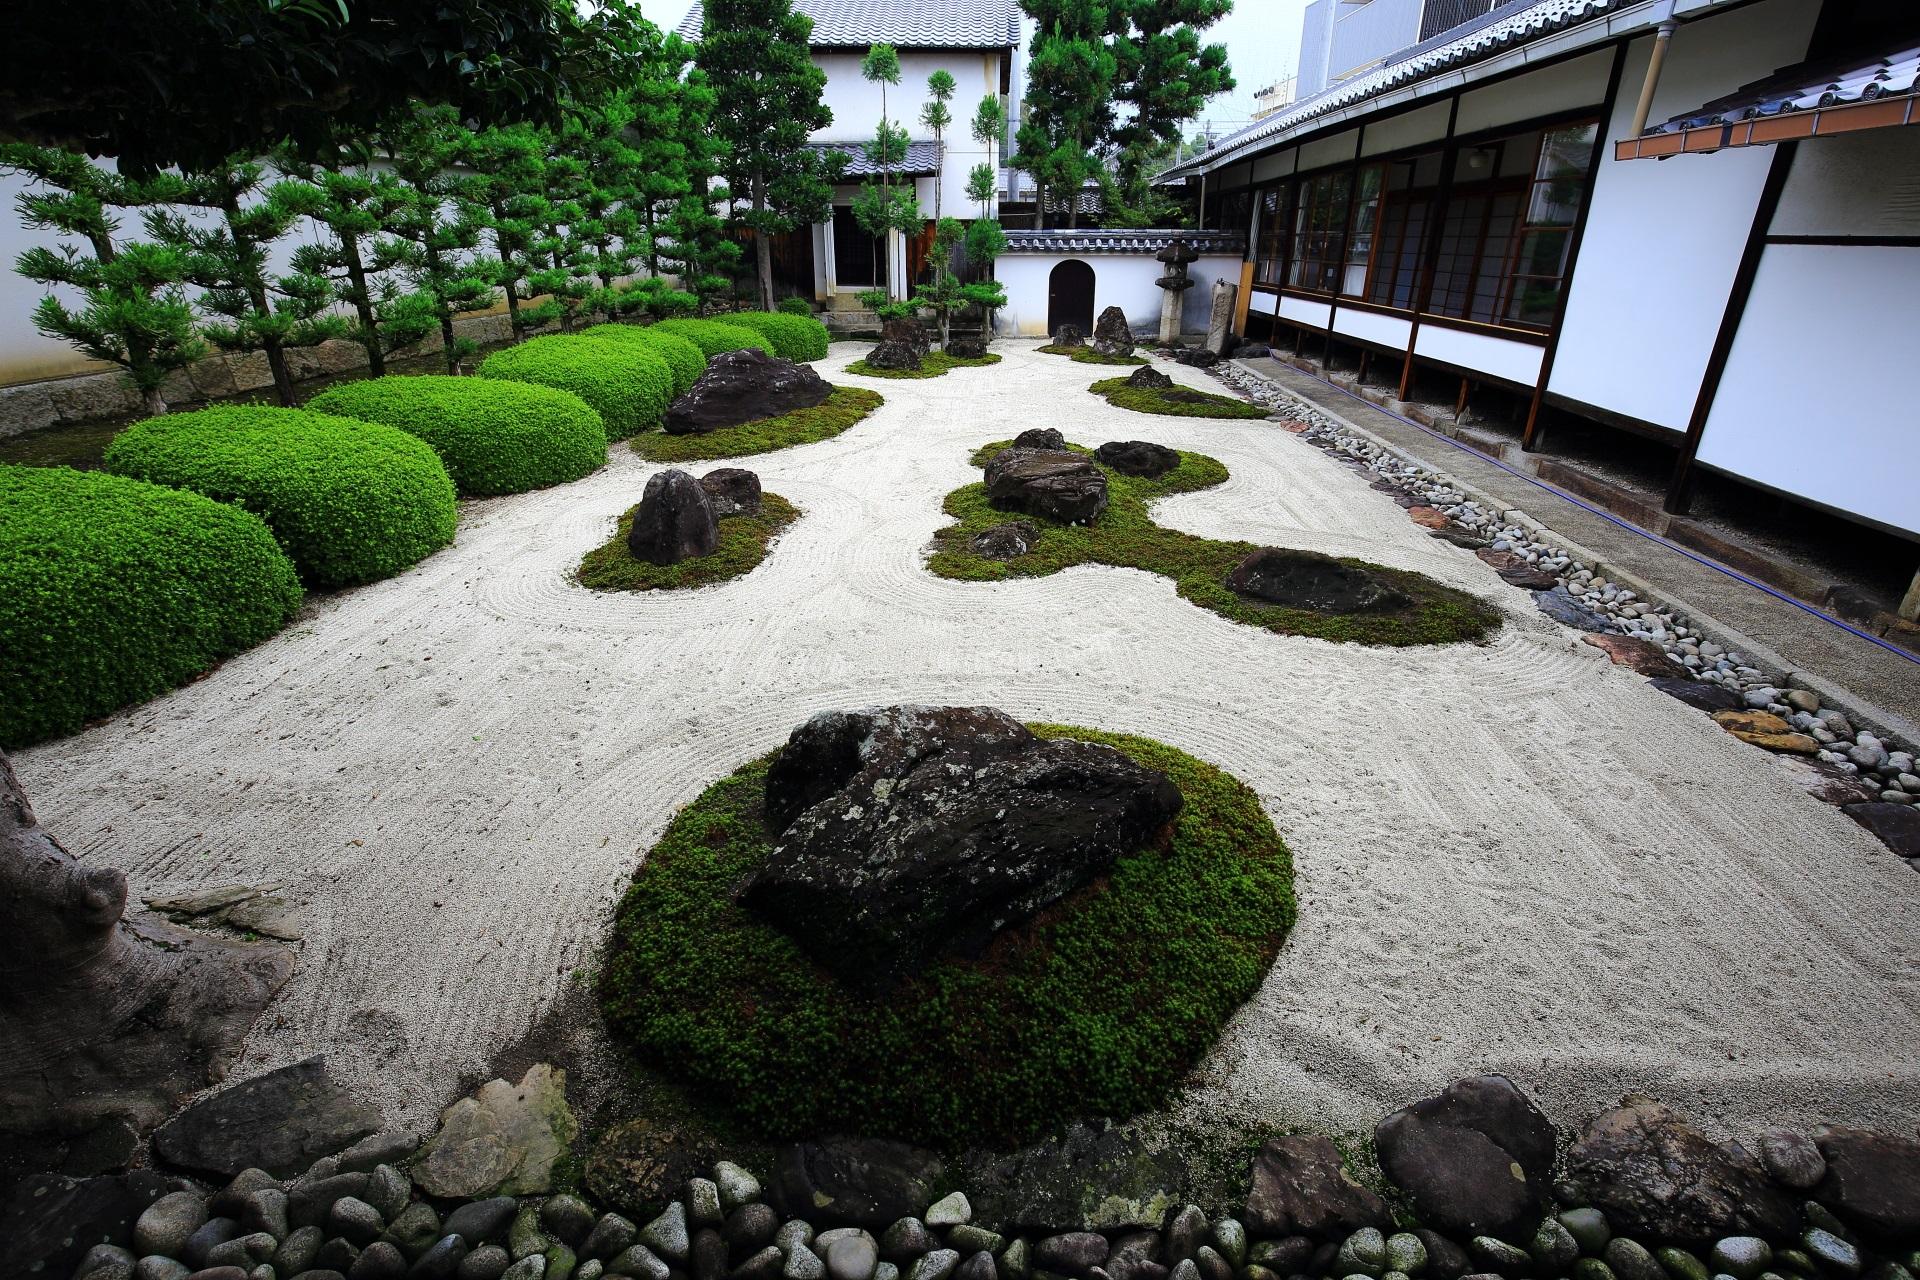 妙蓮寺のサツキの緑が綺麗な十六羅漢石庭(じゅうろくらかんせきてい)